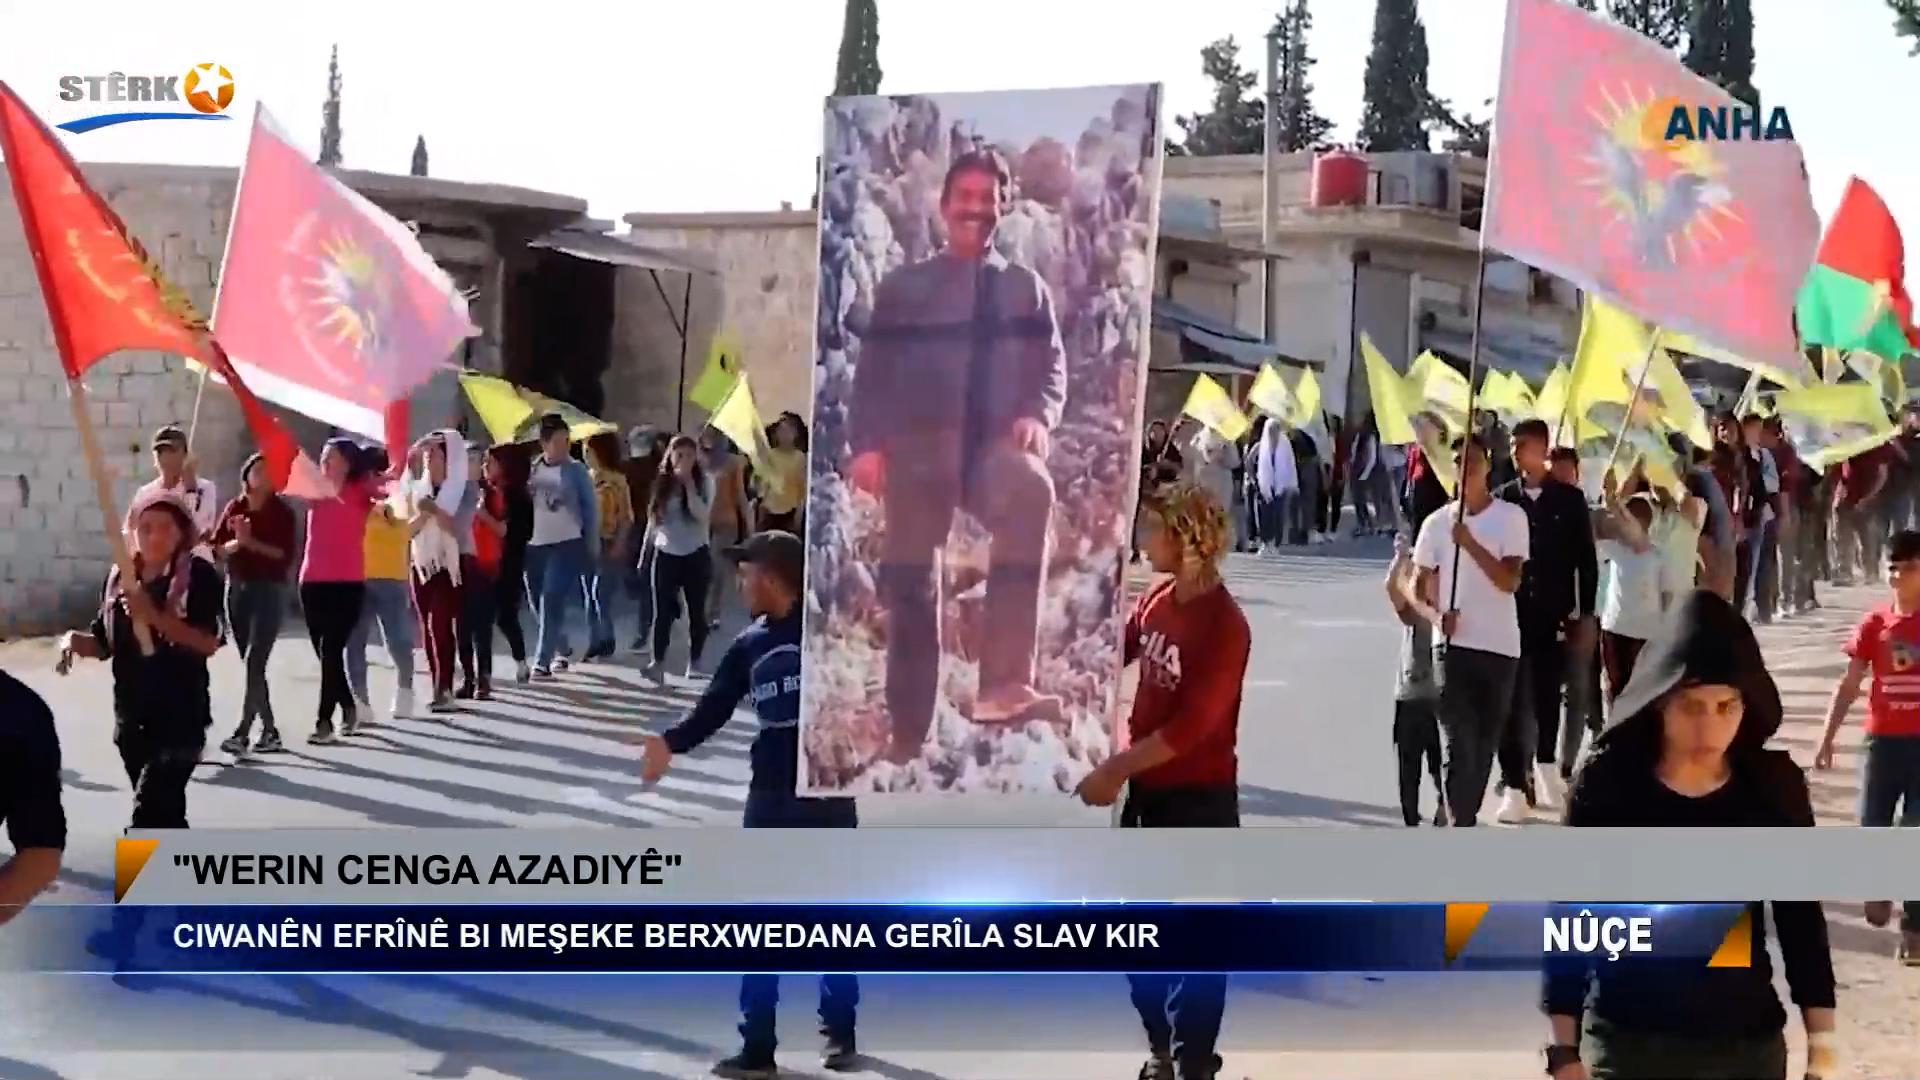 Ciwanên Efrînê bi meşeke berxwedana gerîla silav kir